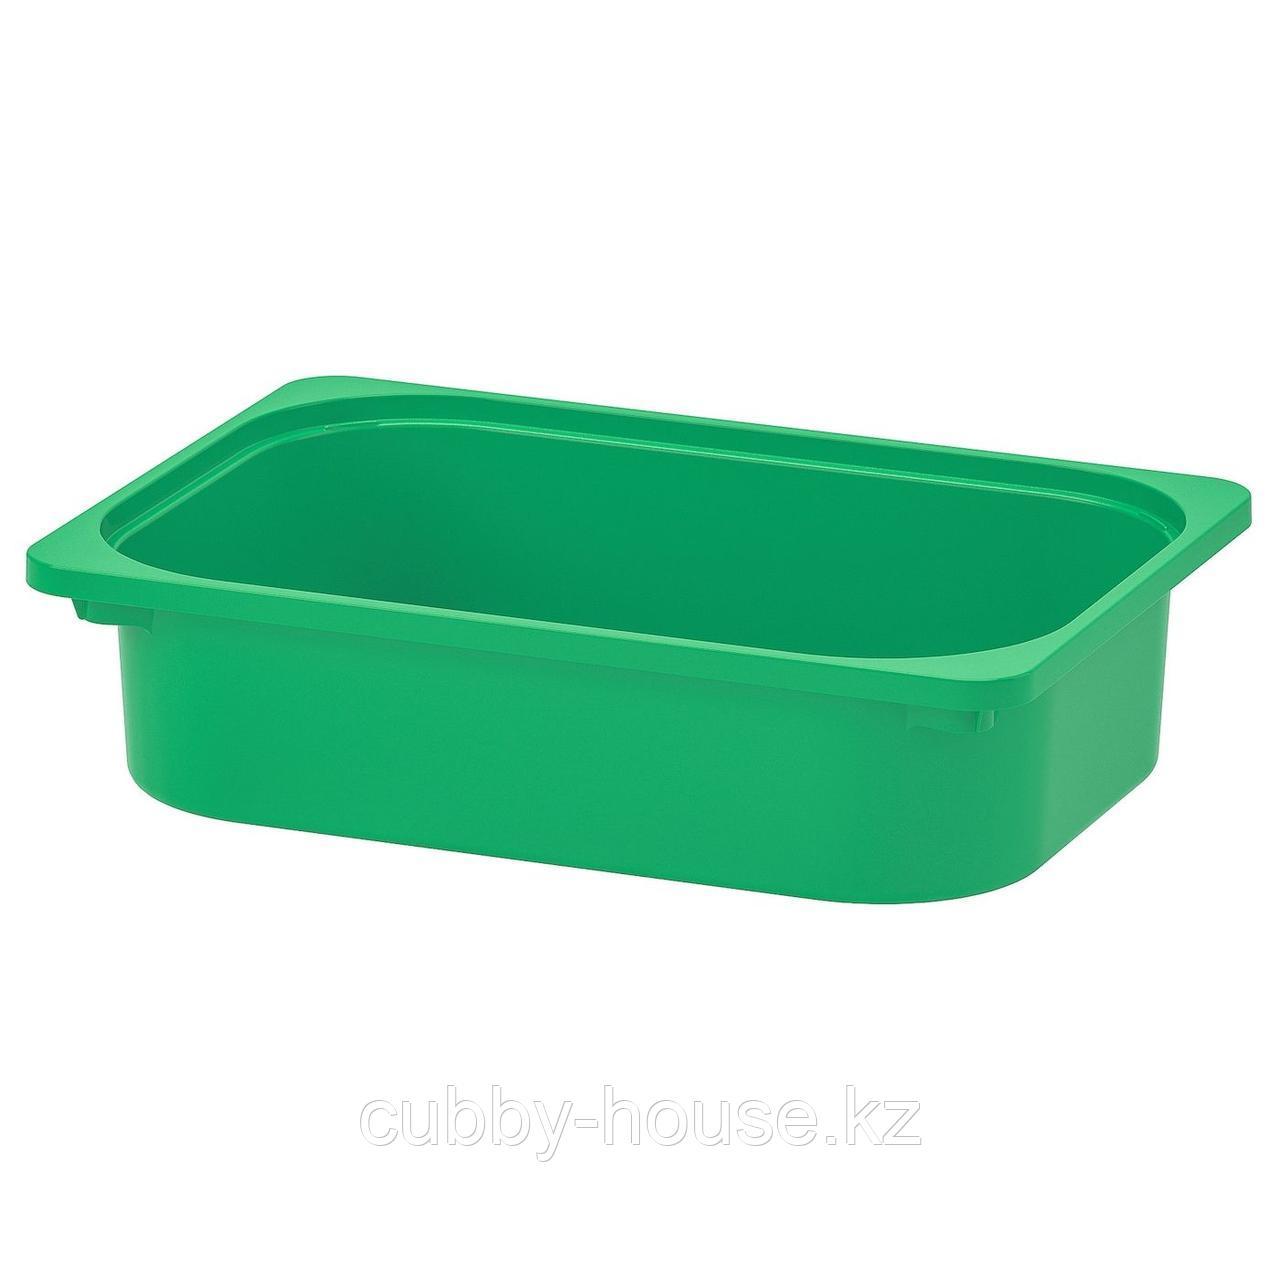 ТРУФАСТ Контейнер, зеленый, 42x30x10 см